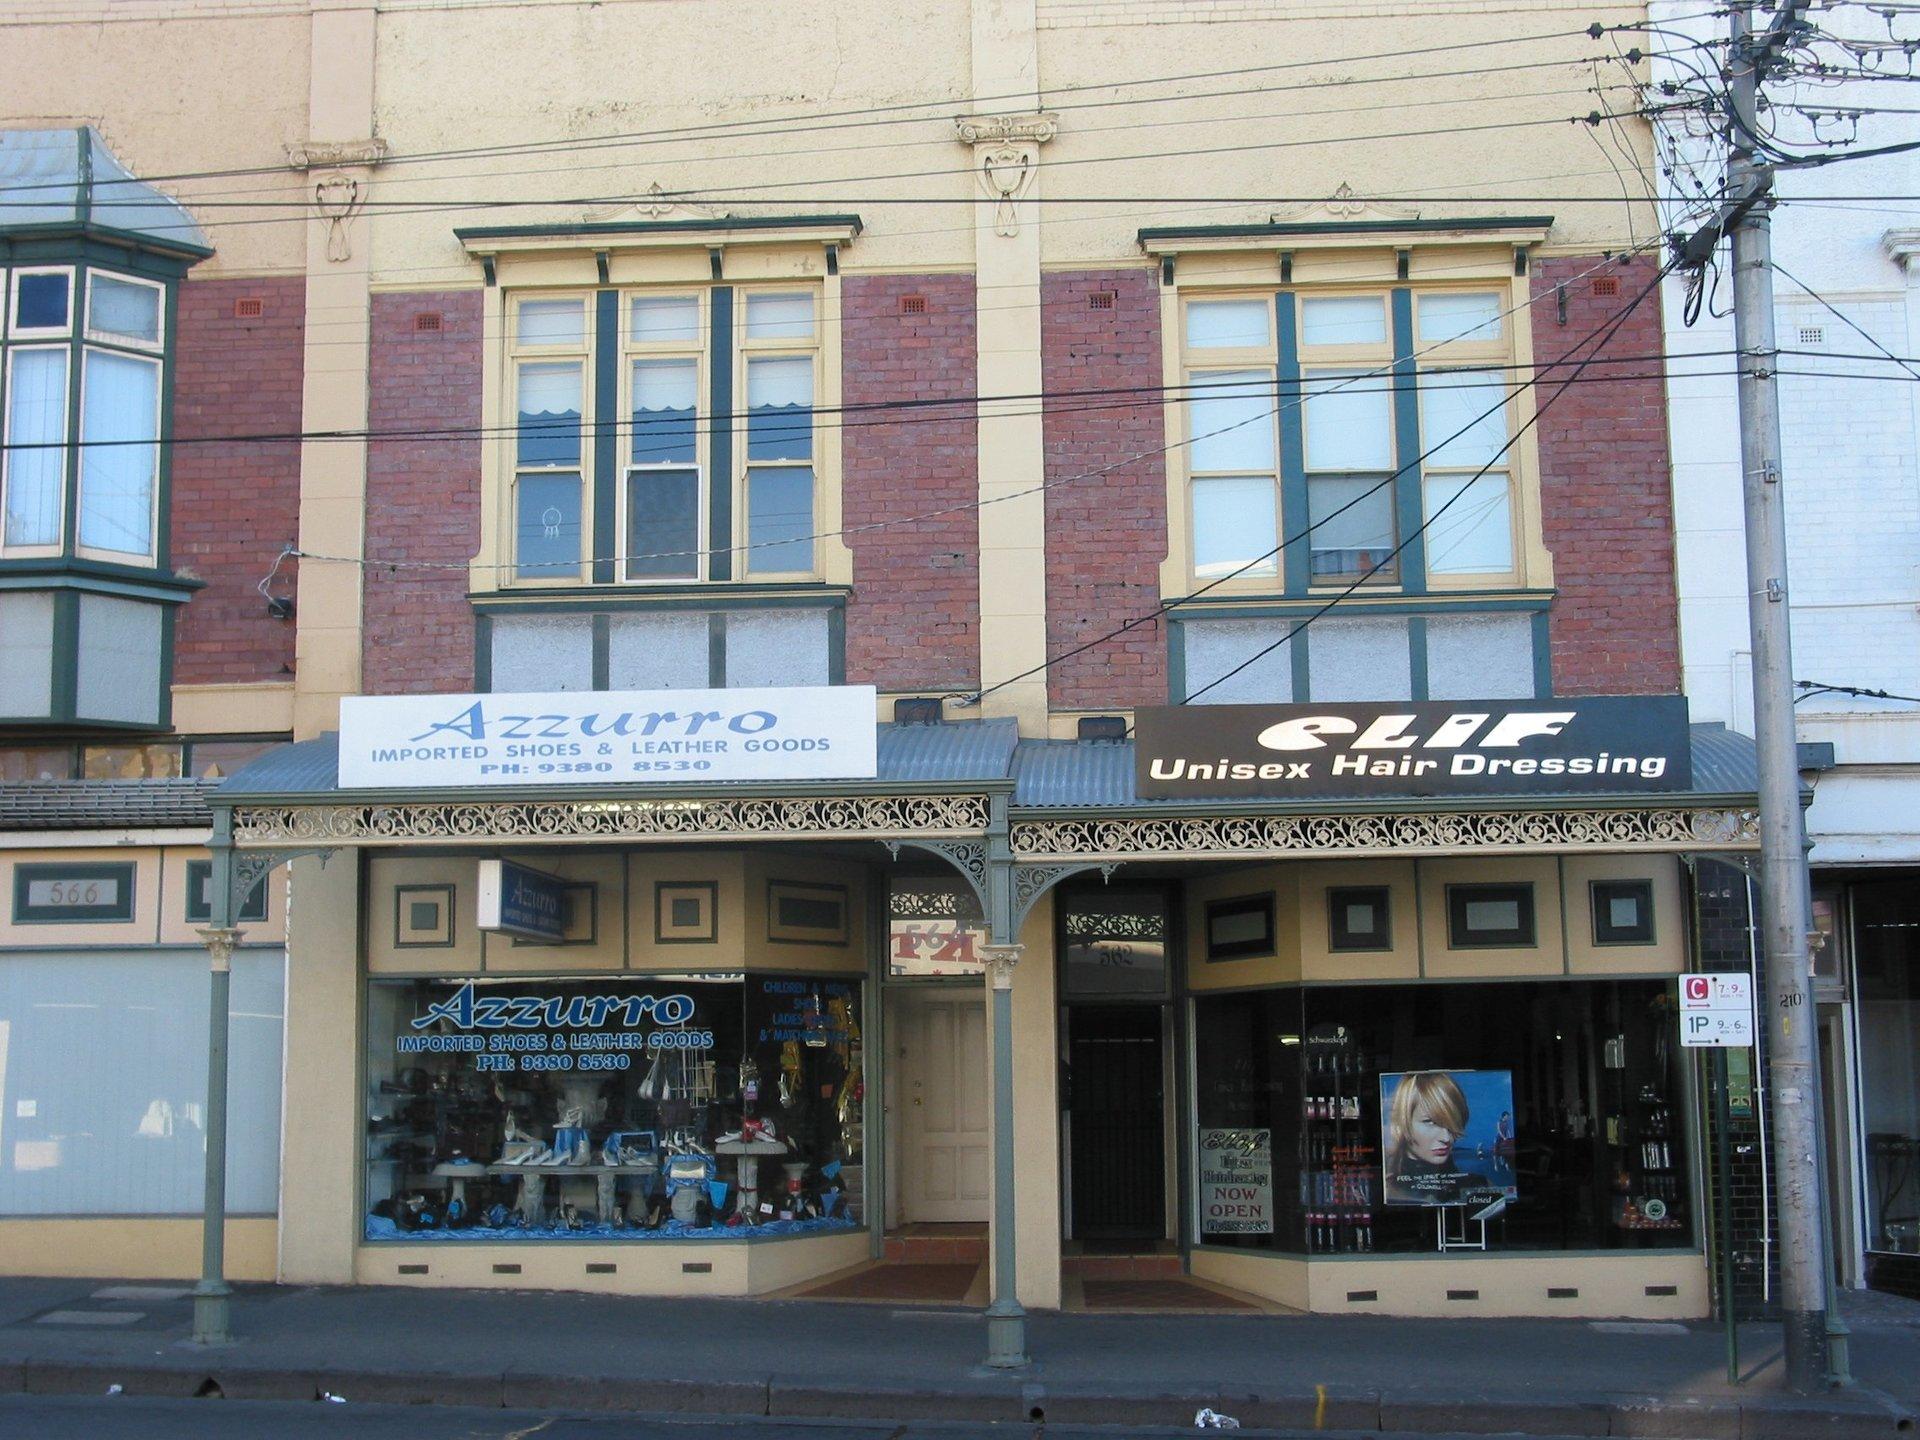 Cast iron street verandah